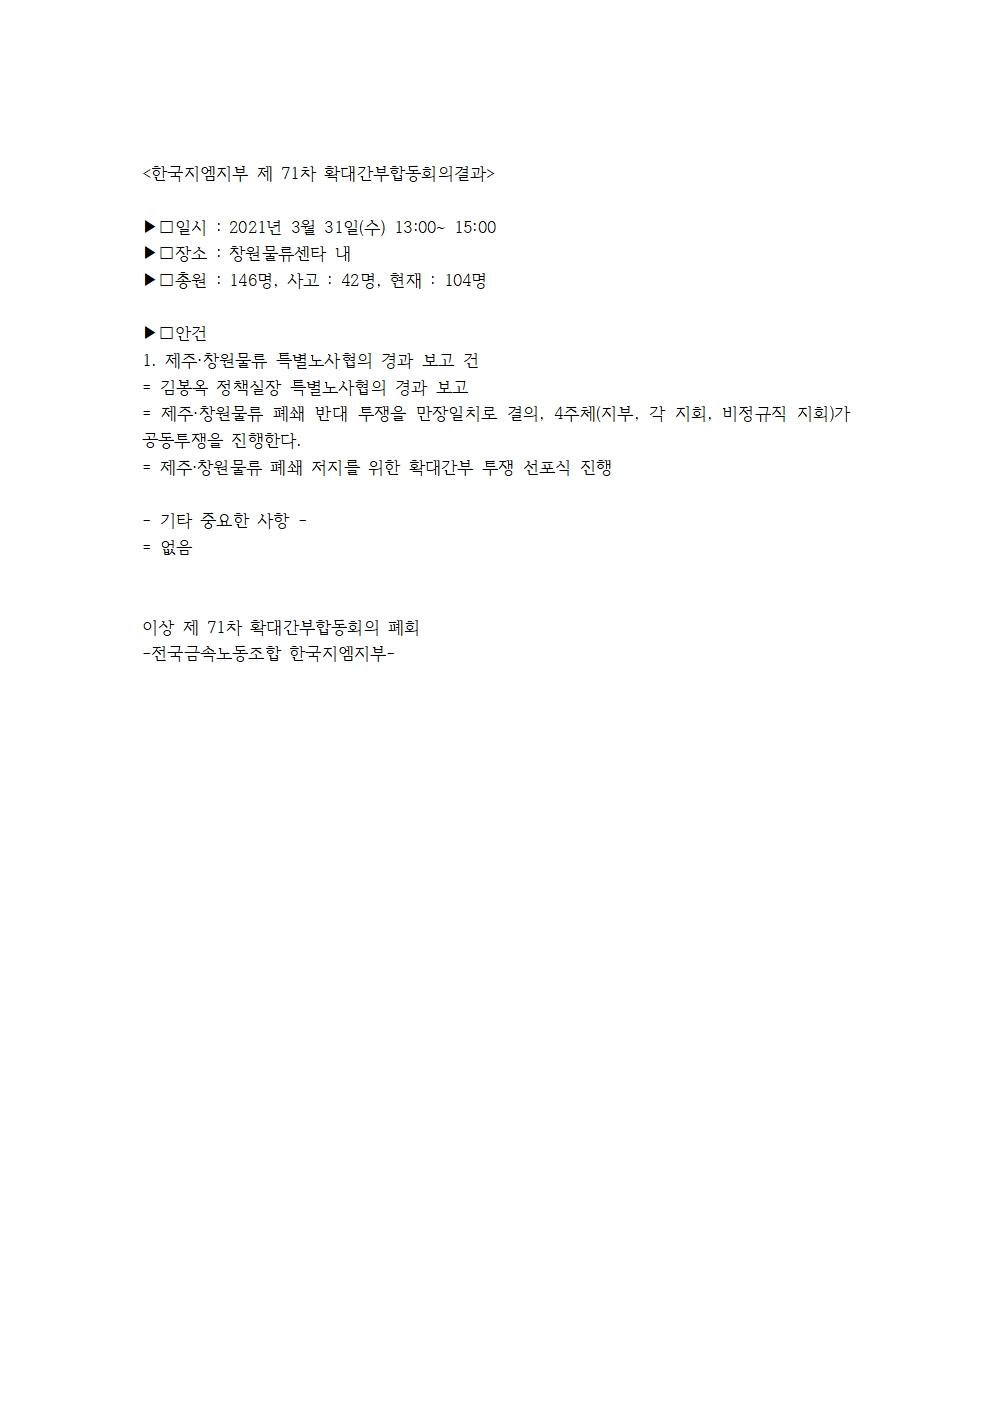 한국지엠지부 제 71차 확대간부합동회의결과001.jpg